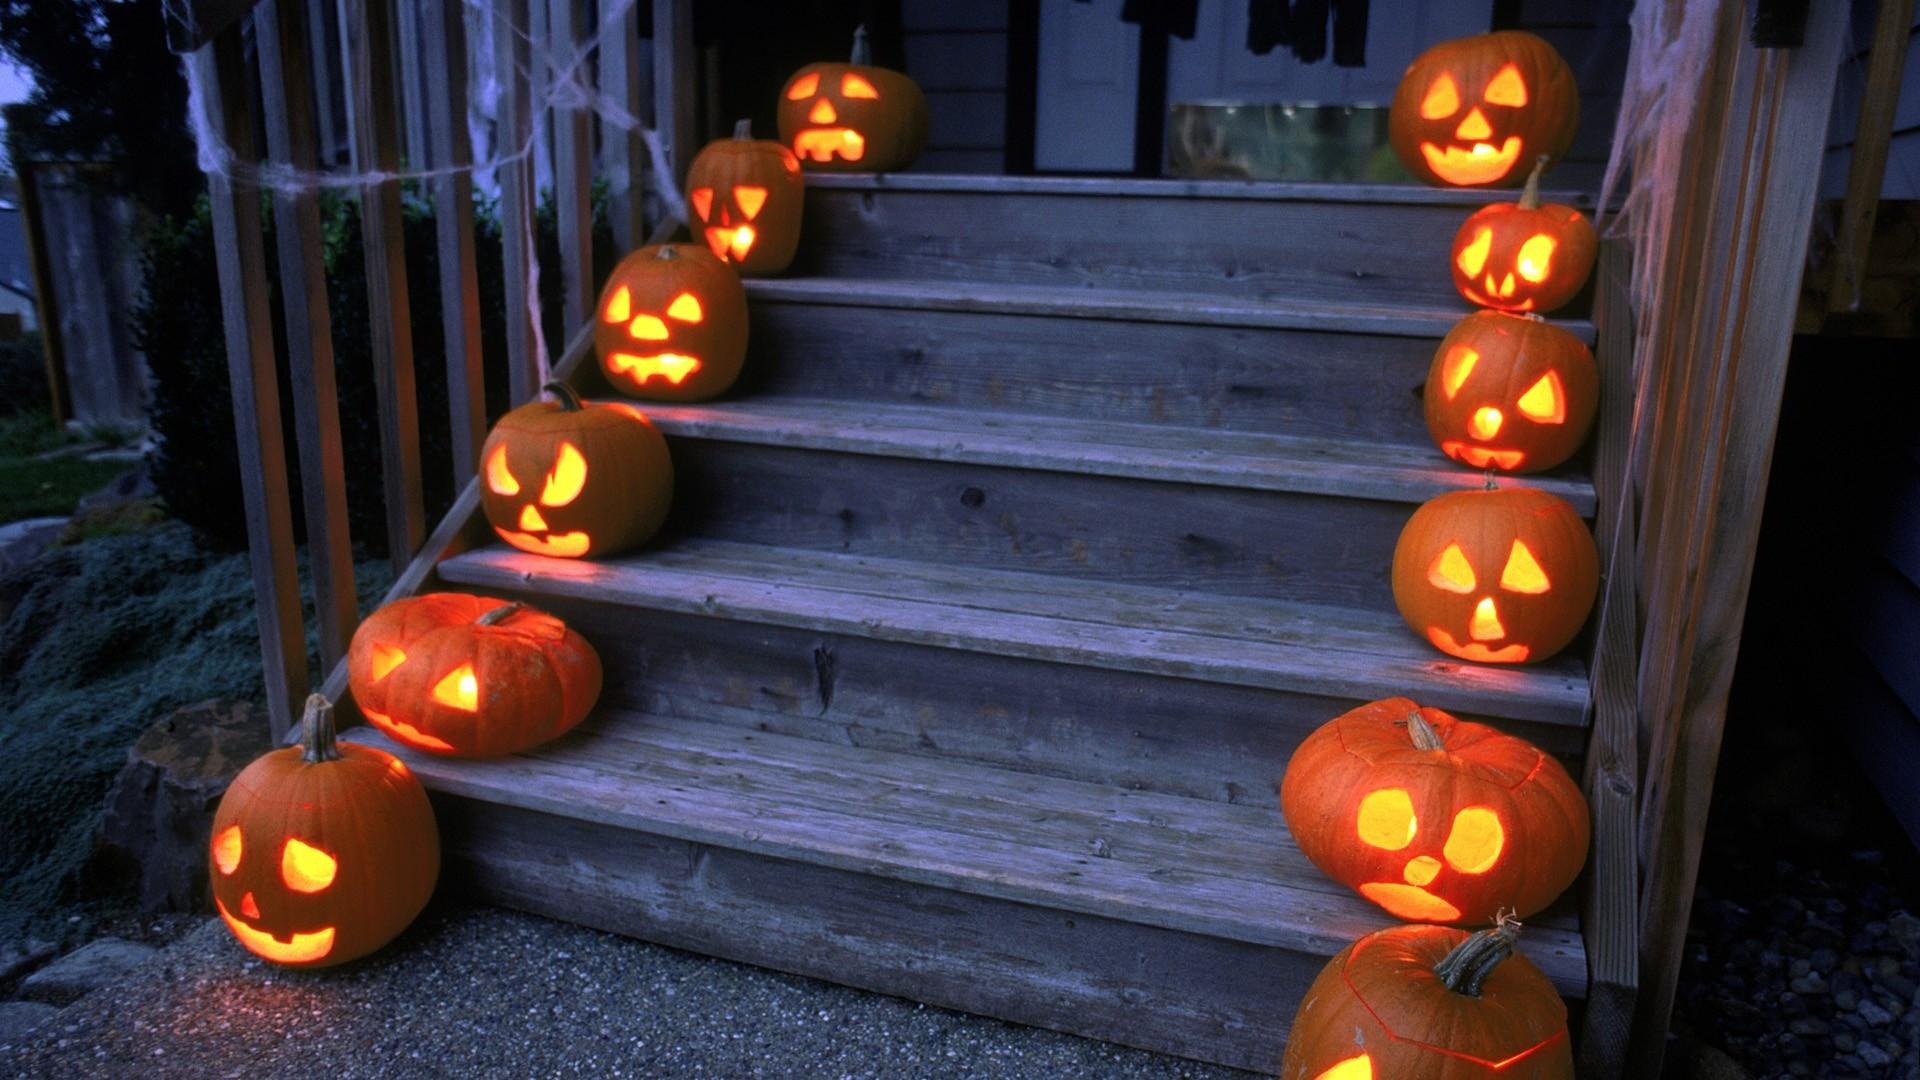 Hd Halloween Desktop Backgrounds – WallpaperSafari. Hd Halloween Desktop  Backgrounds WallpaperSafari